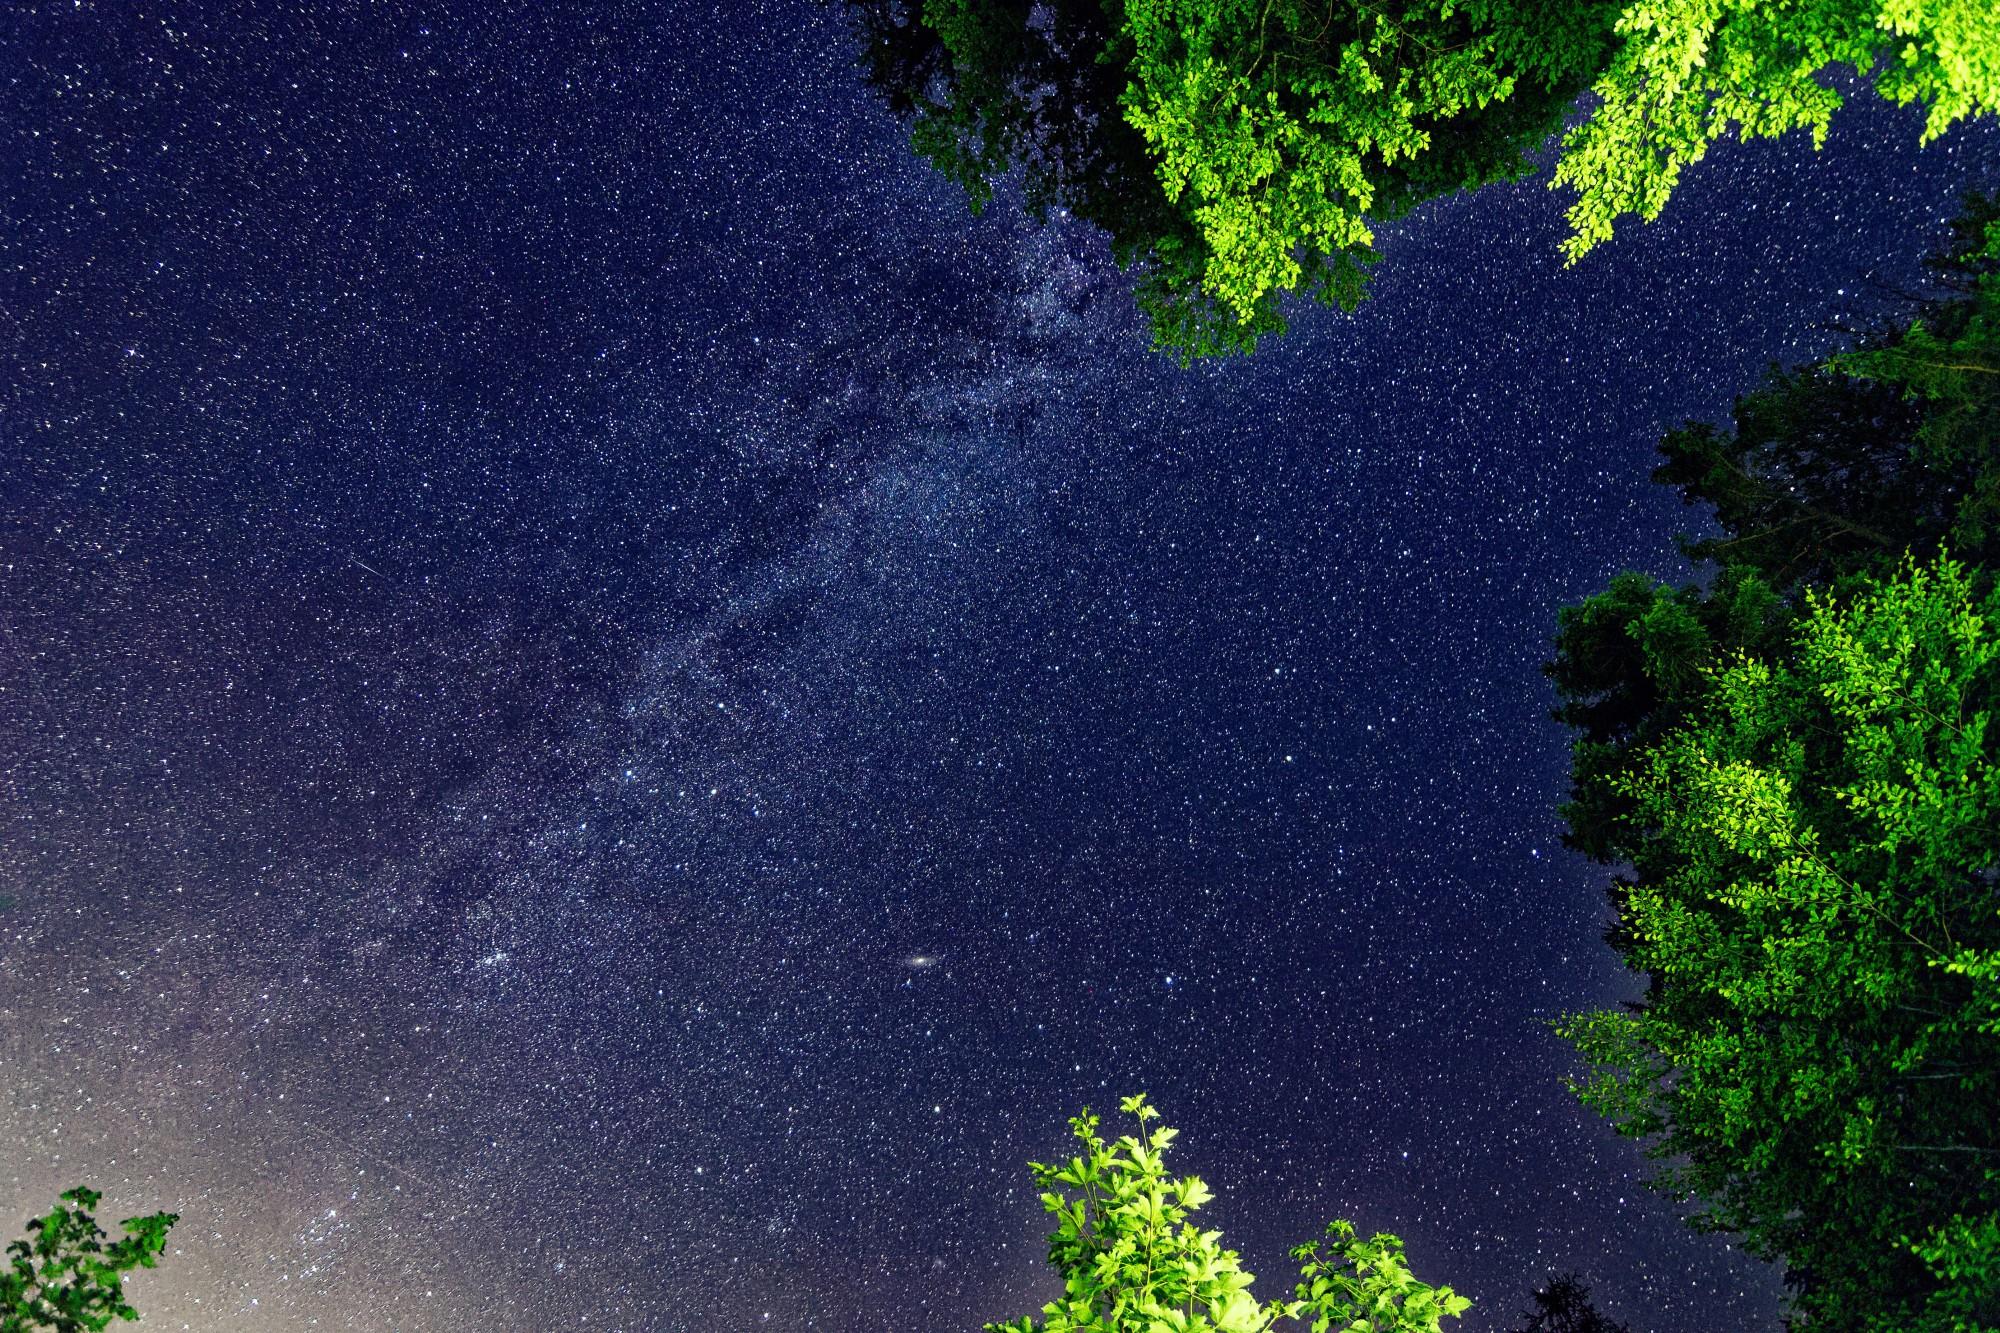 sterne im grünen 2021-08-26